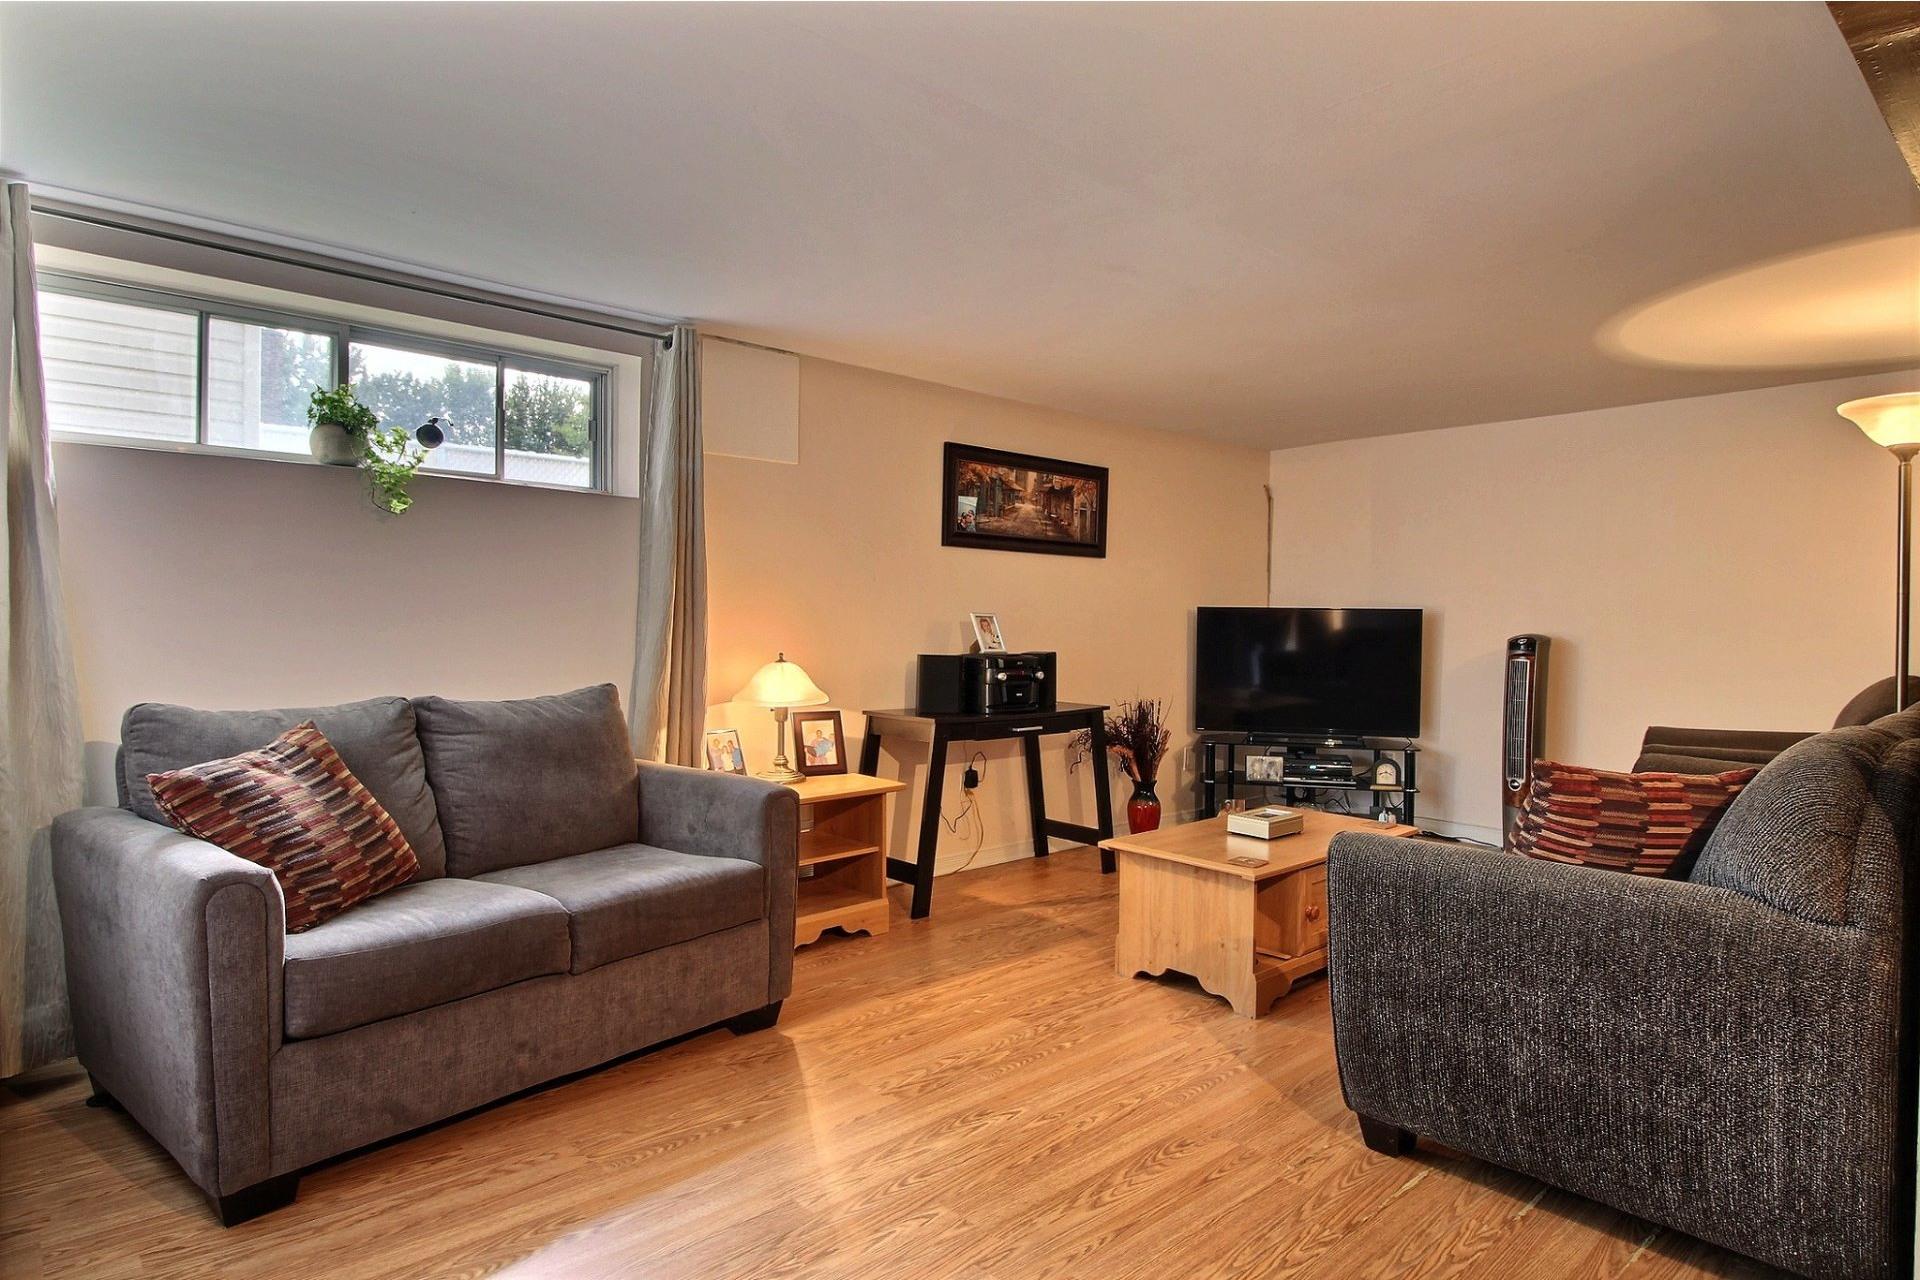 image 20 - Duplex À vendre Montréal Rivière-des-Prairies/Pointe-aux-Trembles  - 4 pièces